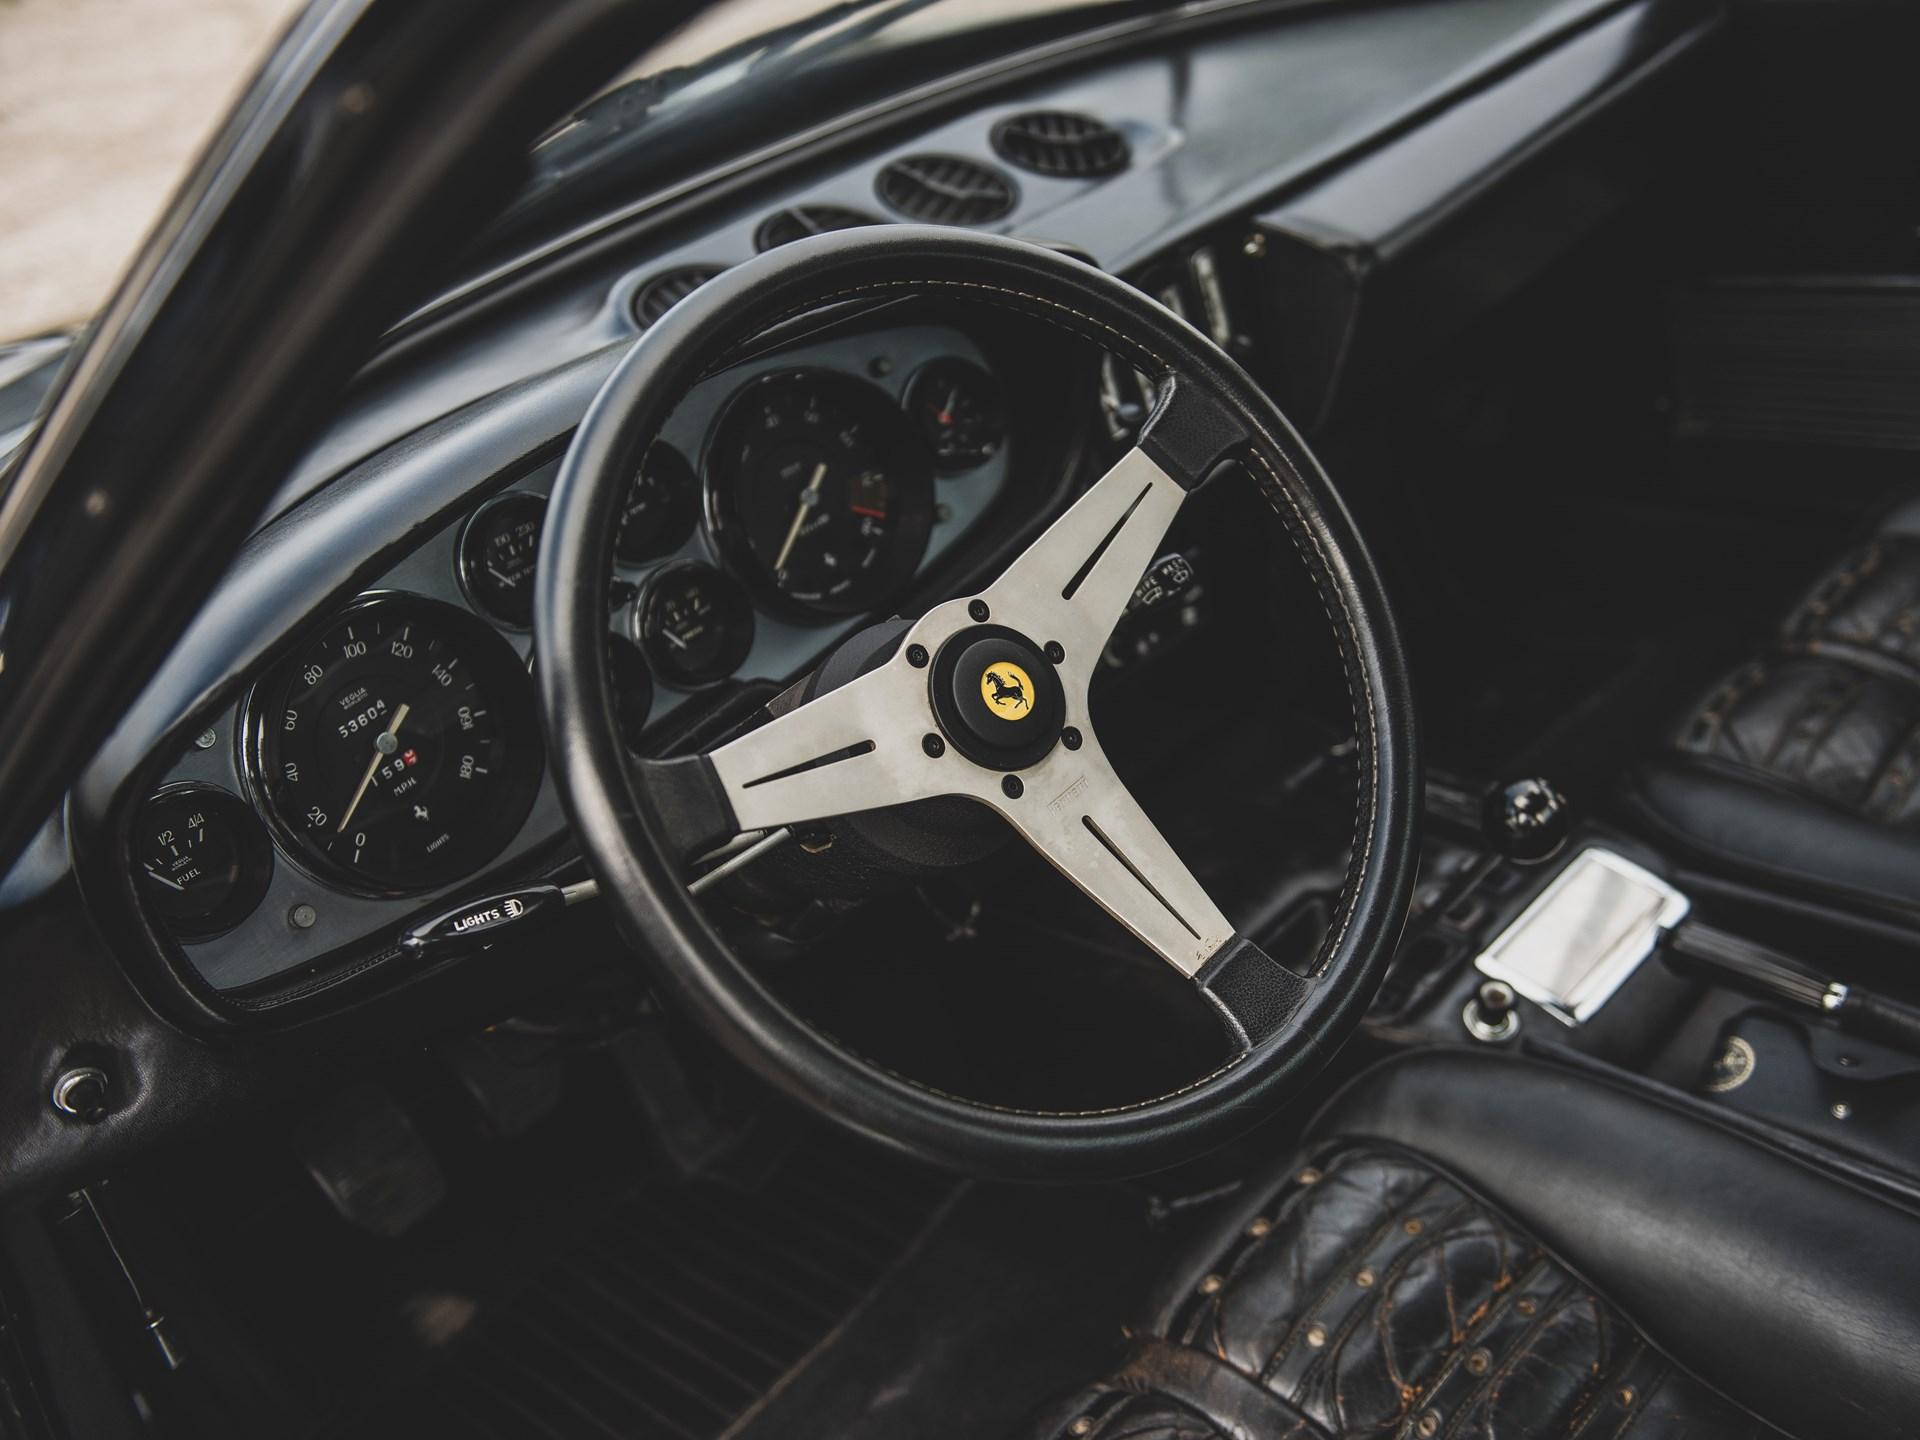 1971 Ferrari 365 GTB/4 Daytona Berlinetta by Scaglietti